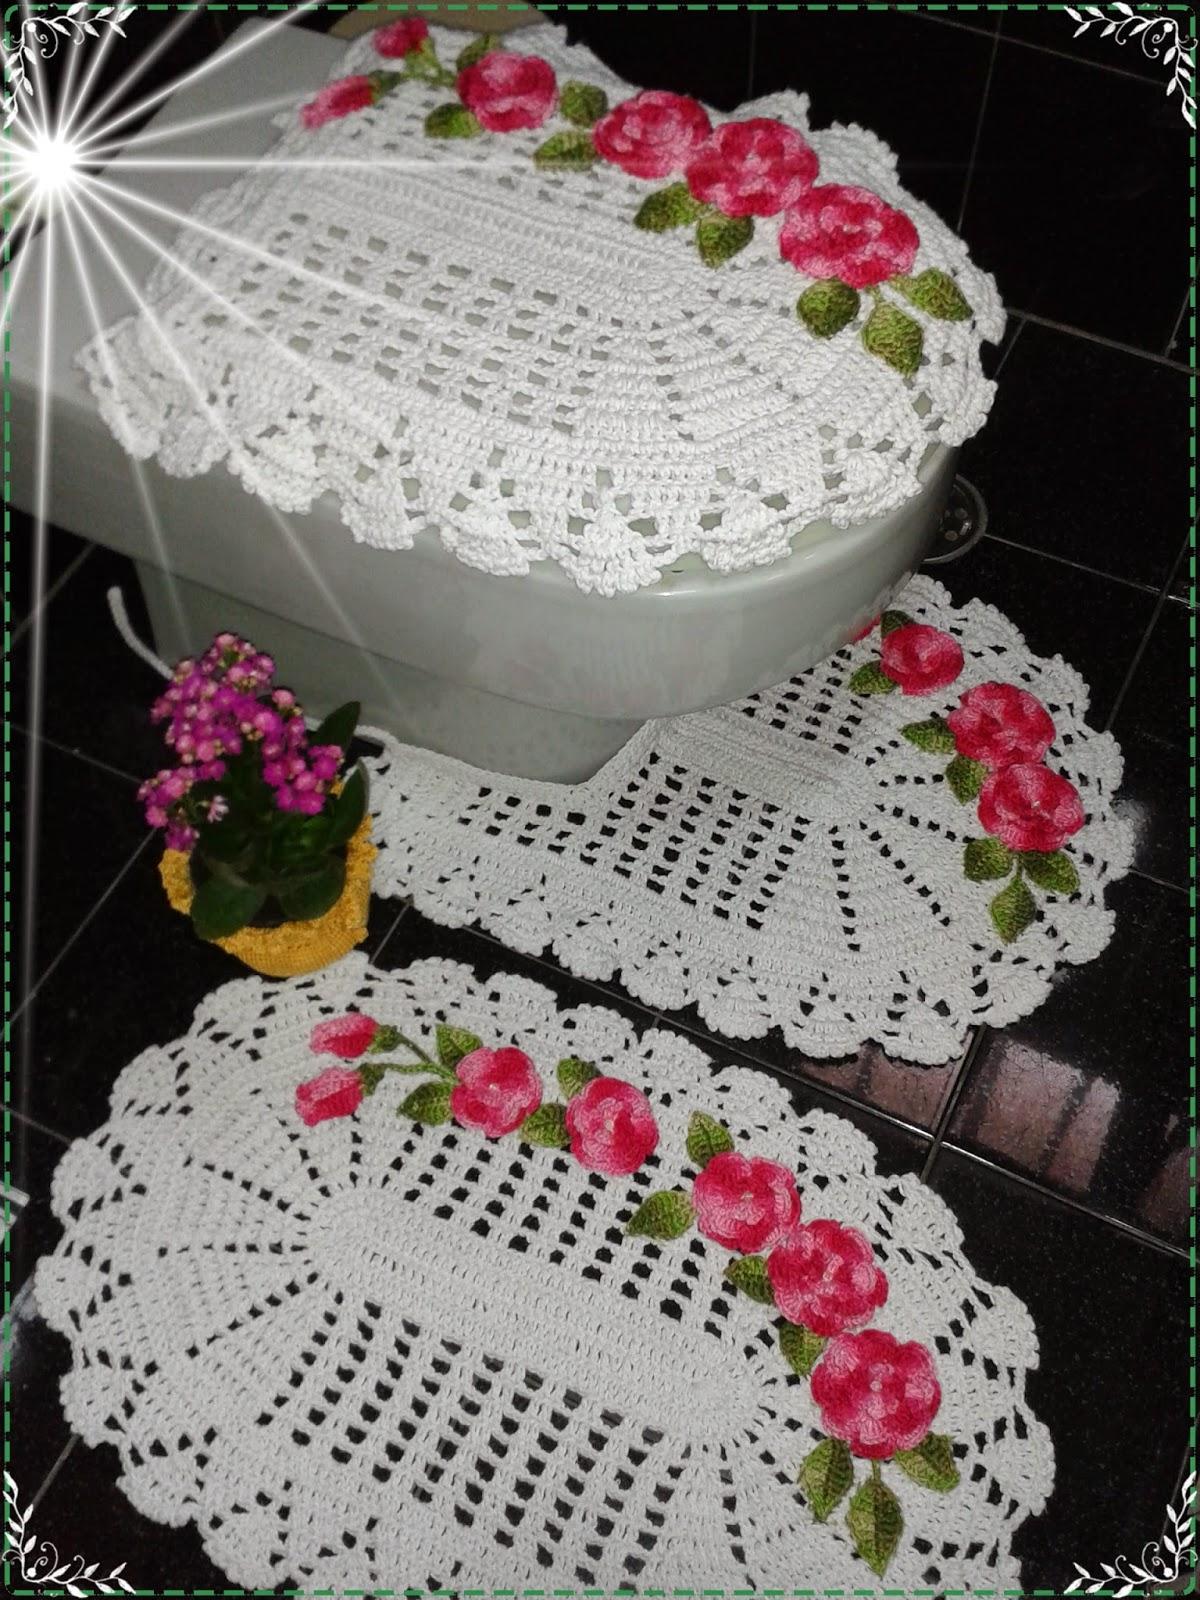 TRICO, CROCHE, FELTRO E EVA , FAÇO POR AMAR FAZER -> Jogo De Banheiro Simples Em Croche